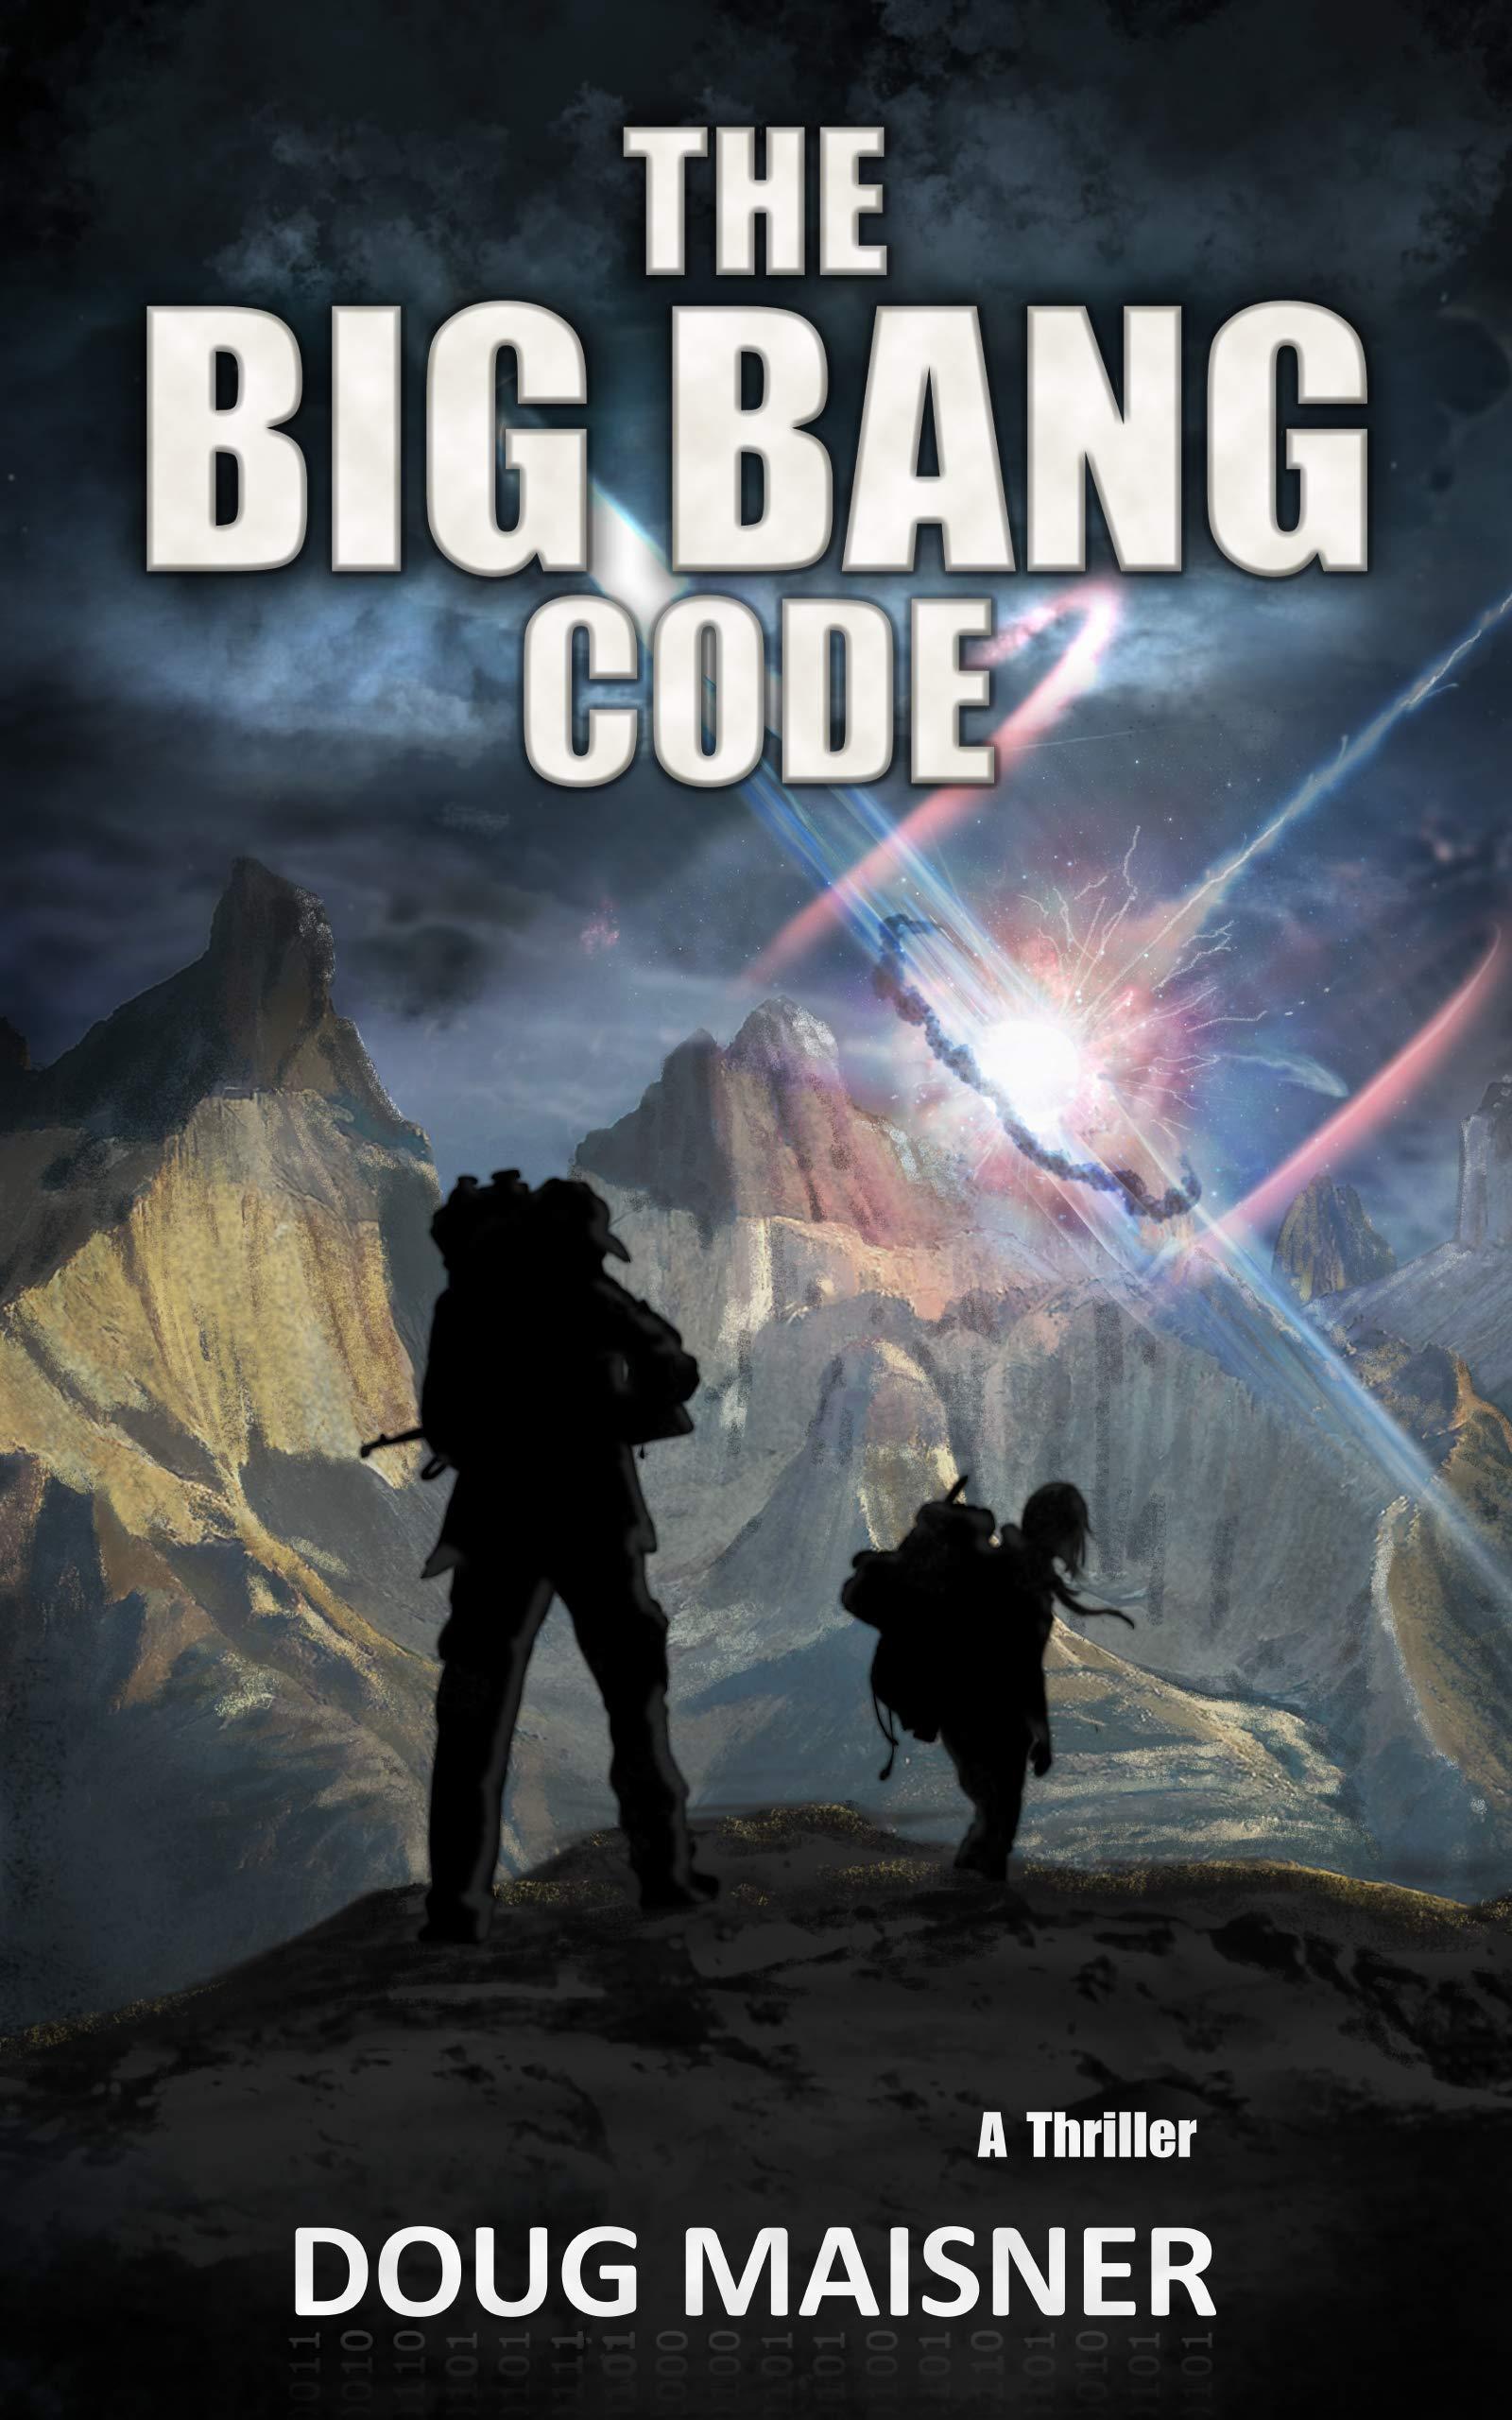 The Big Bang Code